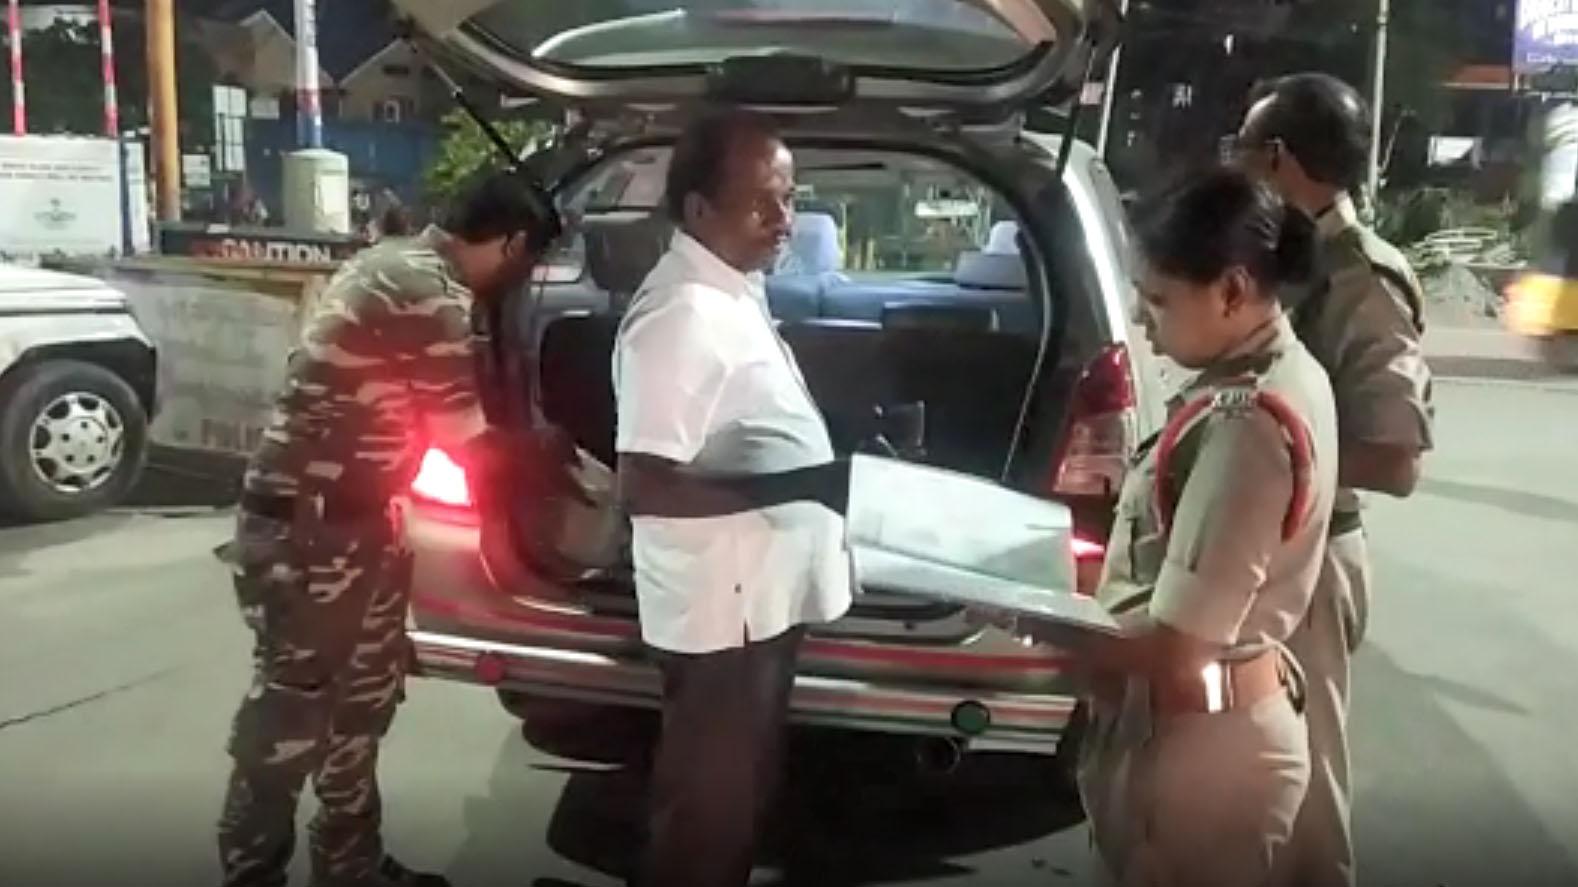 तमिलनाडु के रास्ते आतंकियों के घुसने की आशंका, तिरुपति तिरुमला में भी हाईअलर्ट